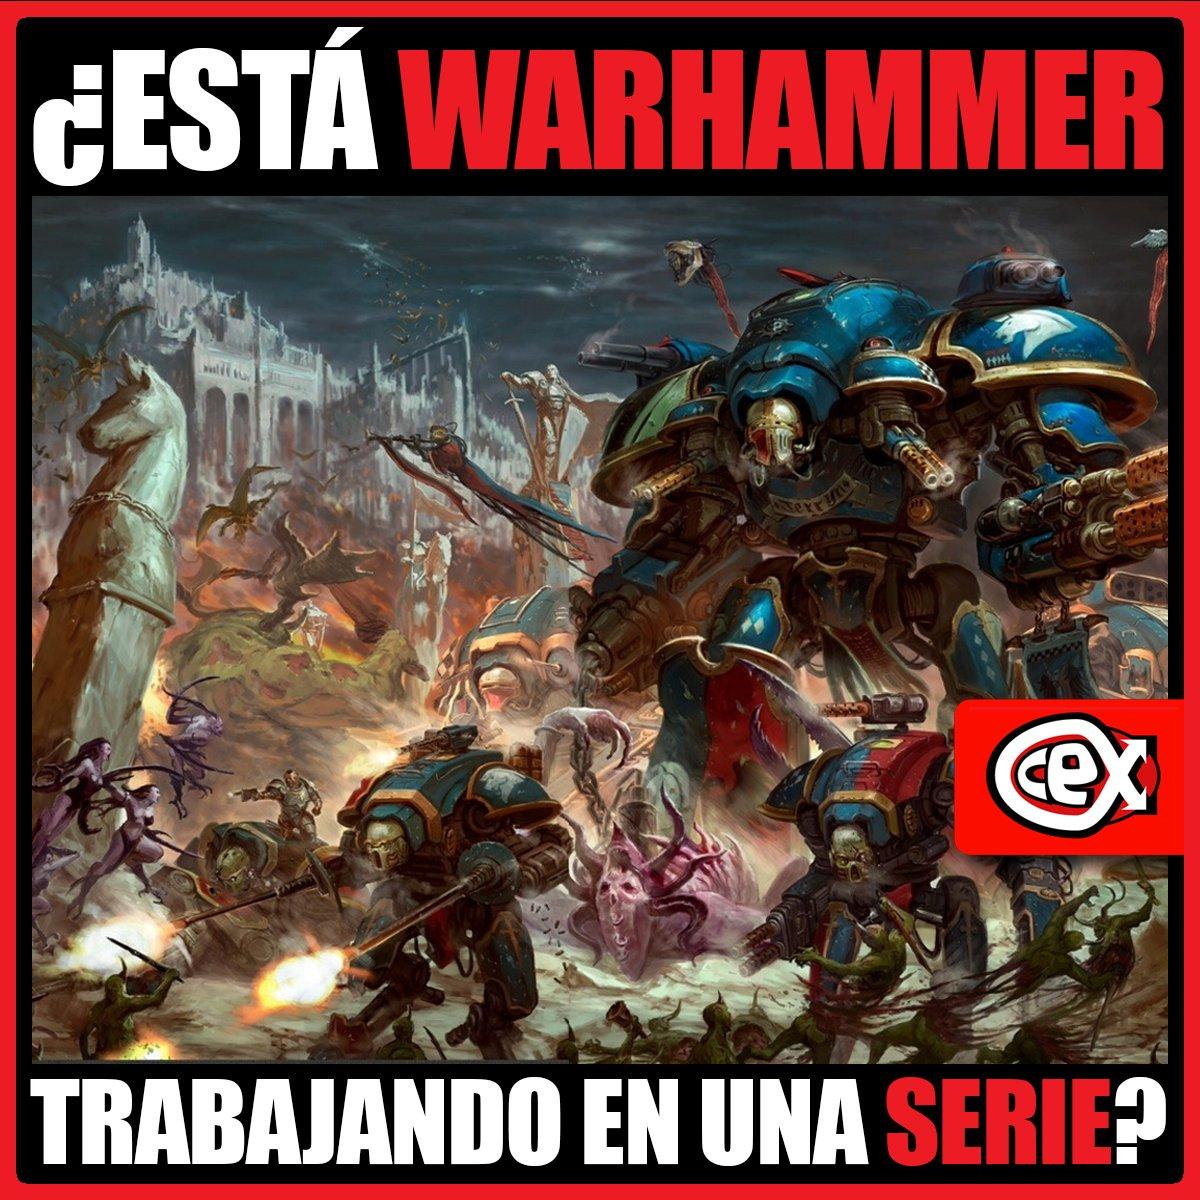 #KevinRountree, CEO de #GamesWorkshop, ha revelado que se encuentran trabajando en una nueva serie de #Warhammer. Aunque su producción aún no ha empezado, su objetivo es contentar tanto a los recién aterrizados como a los veteranos del universo Warhammer. #CeX #Webuypic.twitter.com/X67tzNQMJD